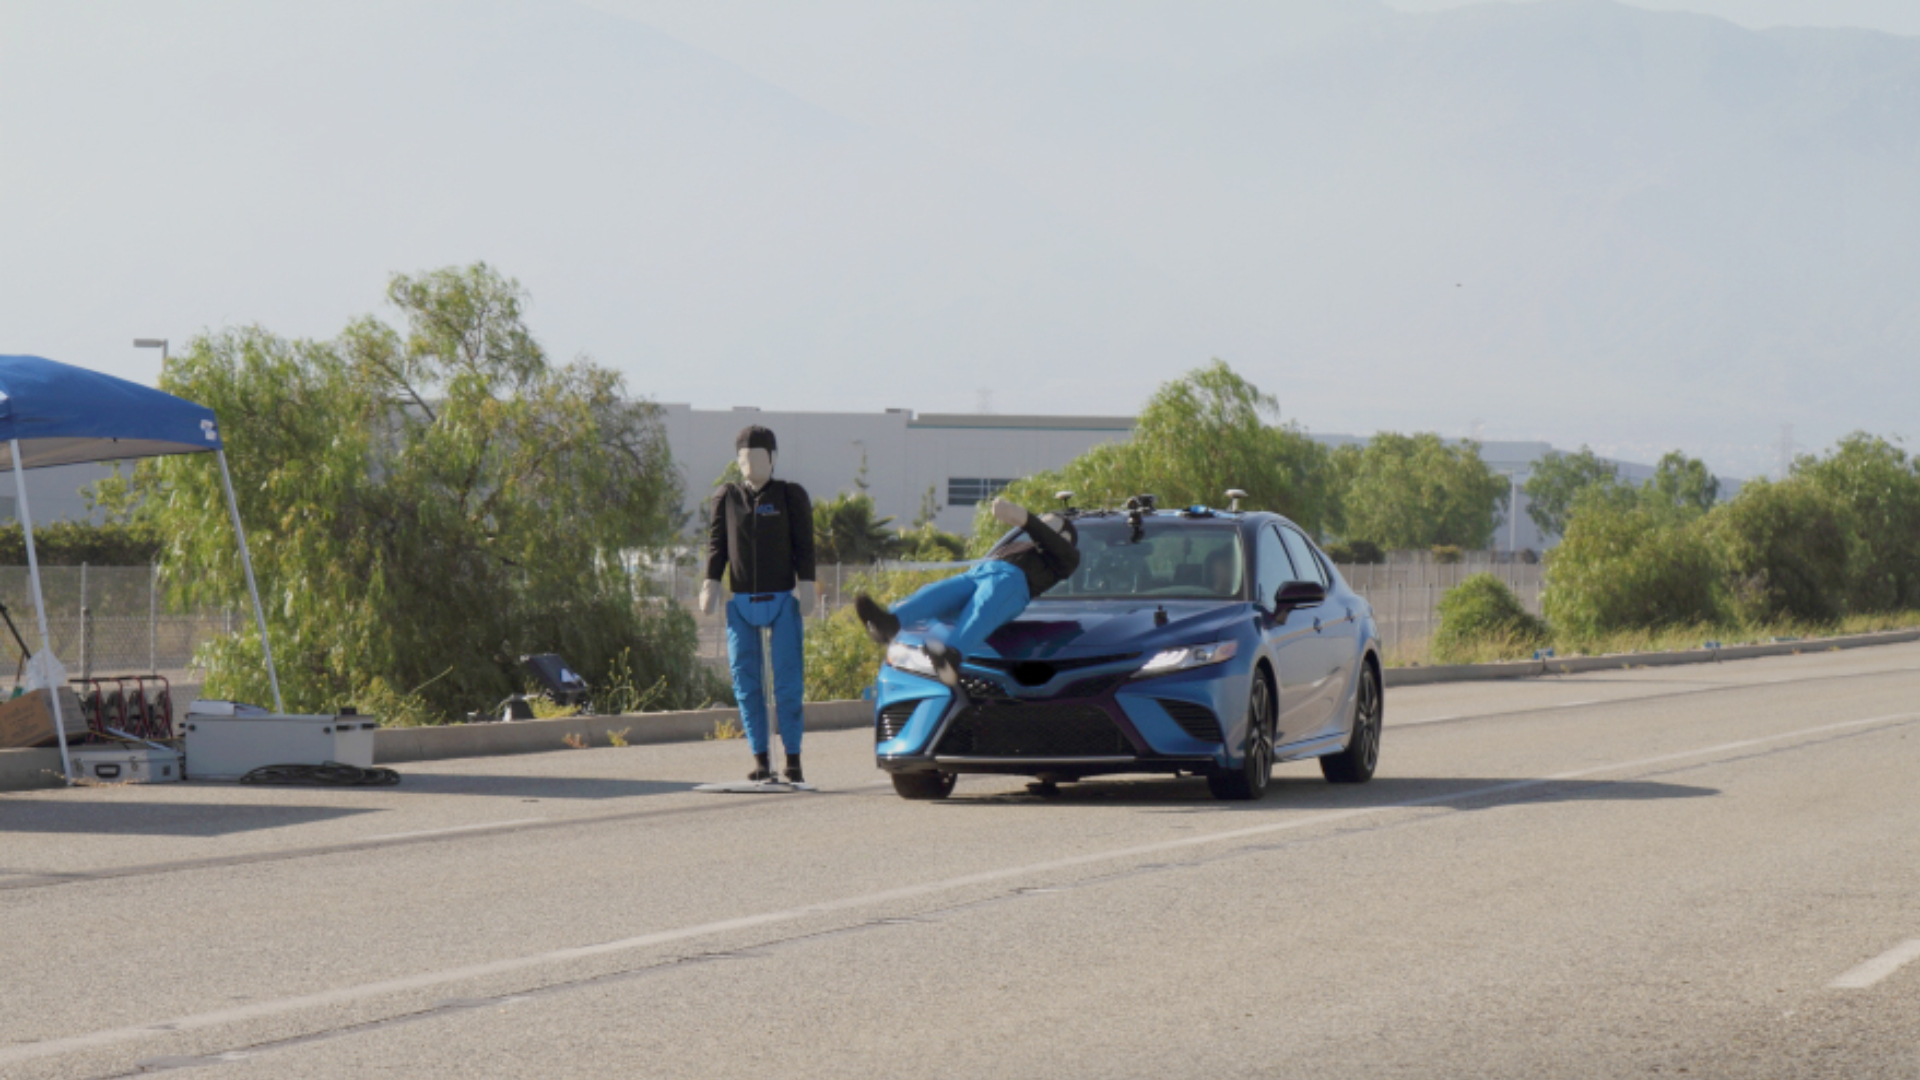 Une association a testé les systèmes de sécurité de 4 voitures avec de faux piétons : ça tourne mal